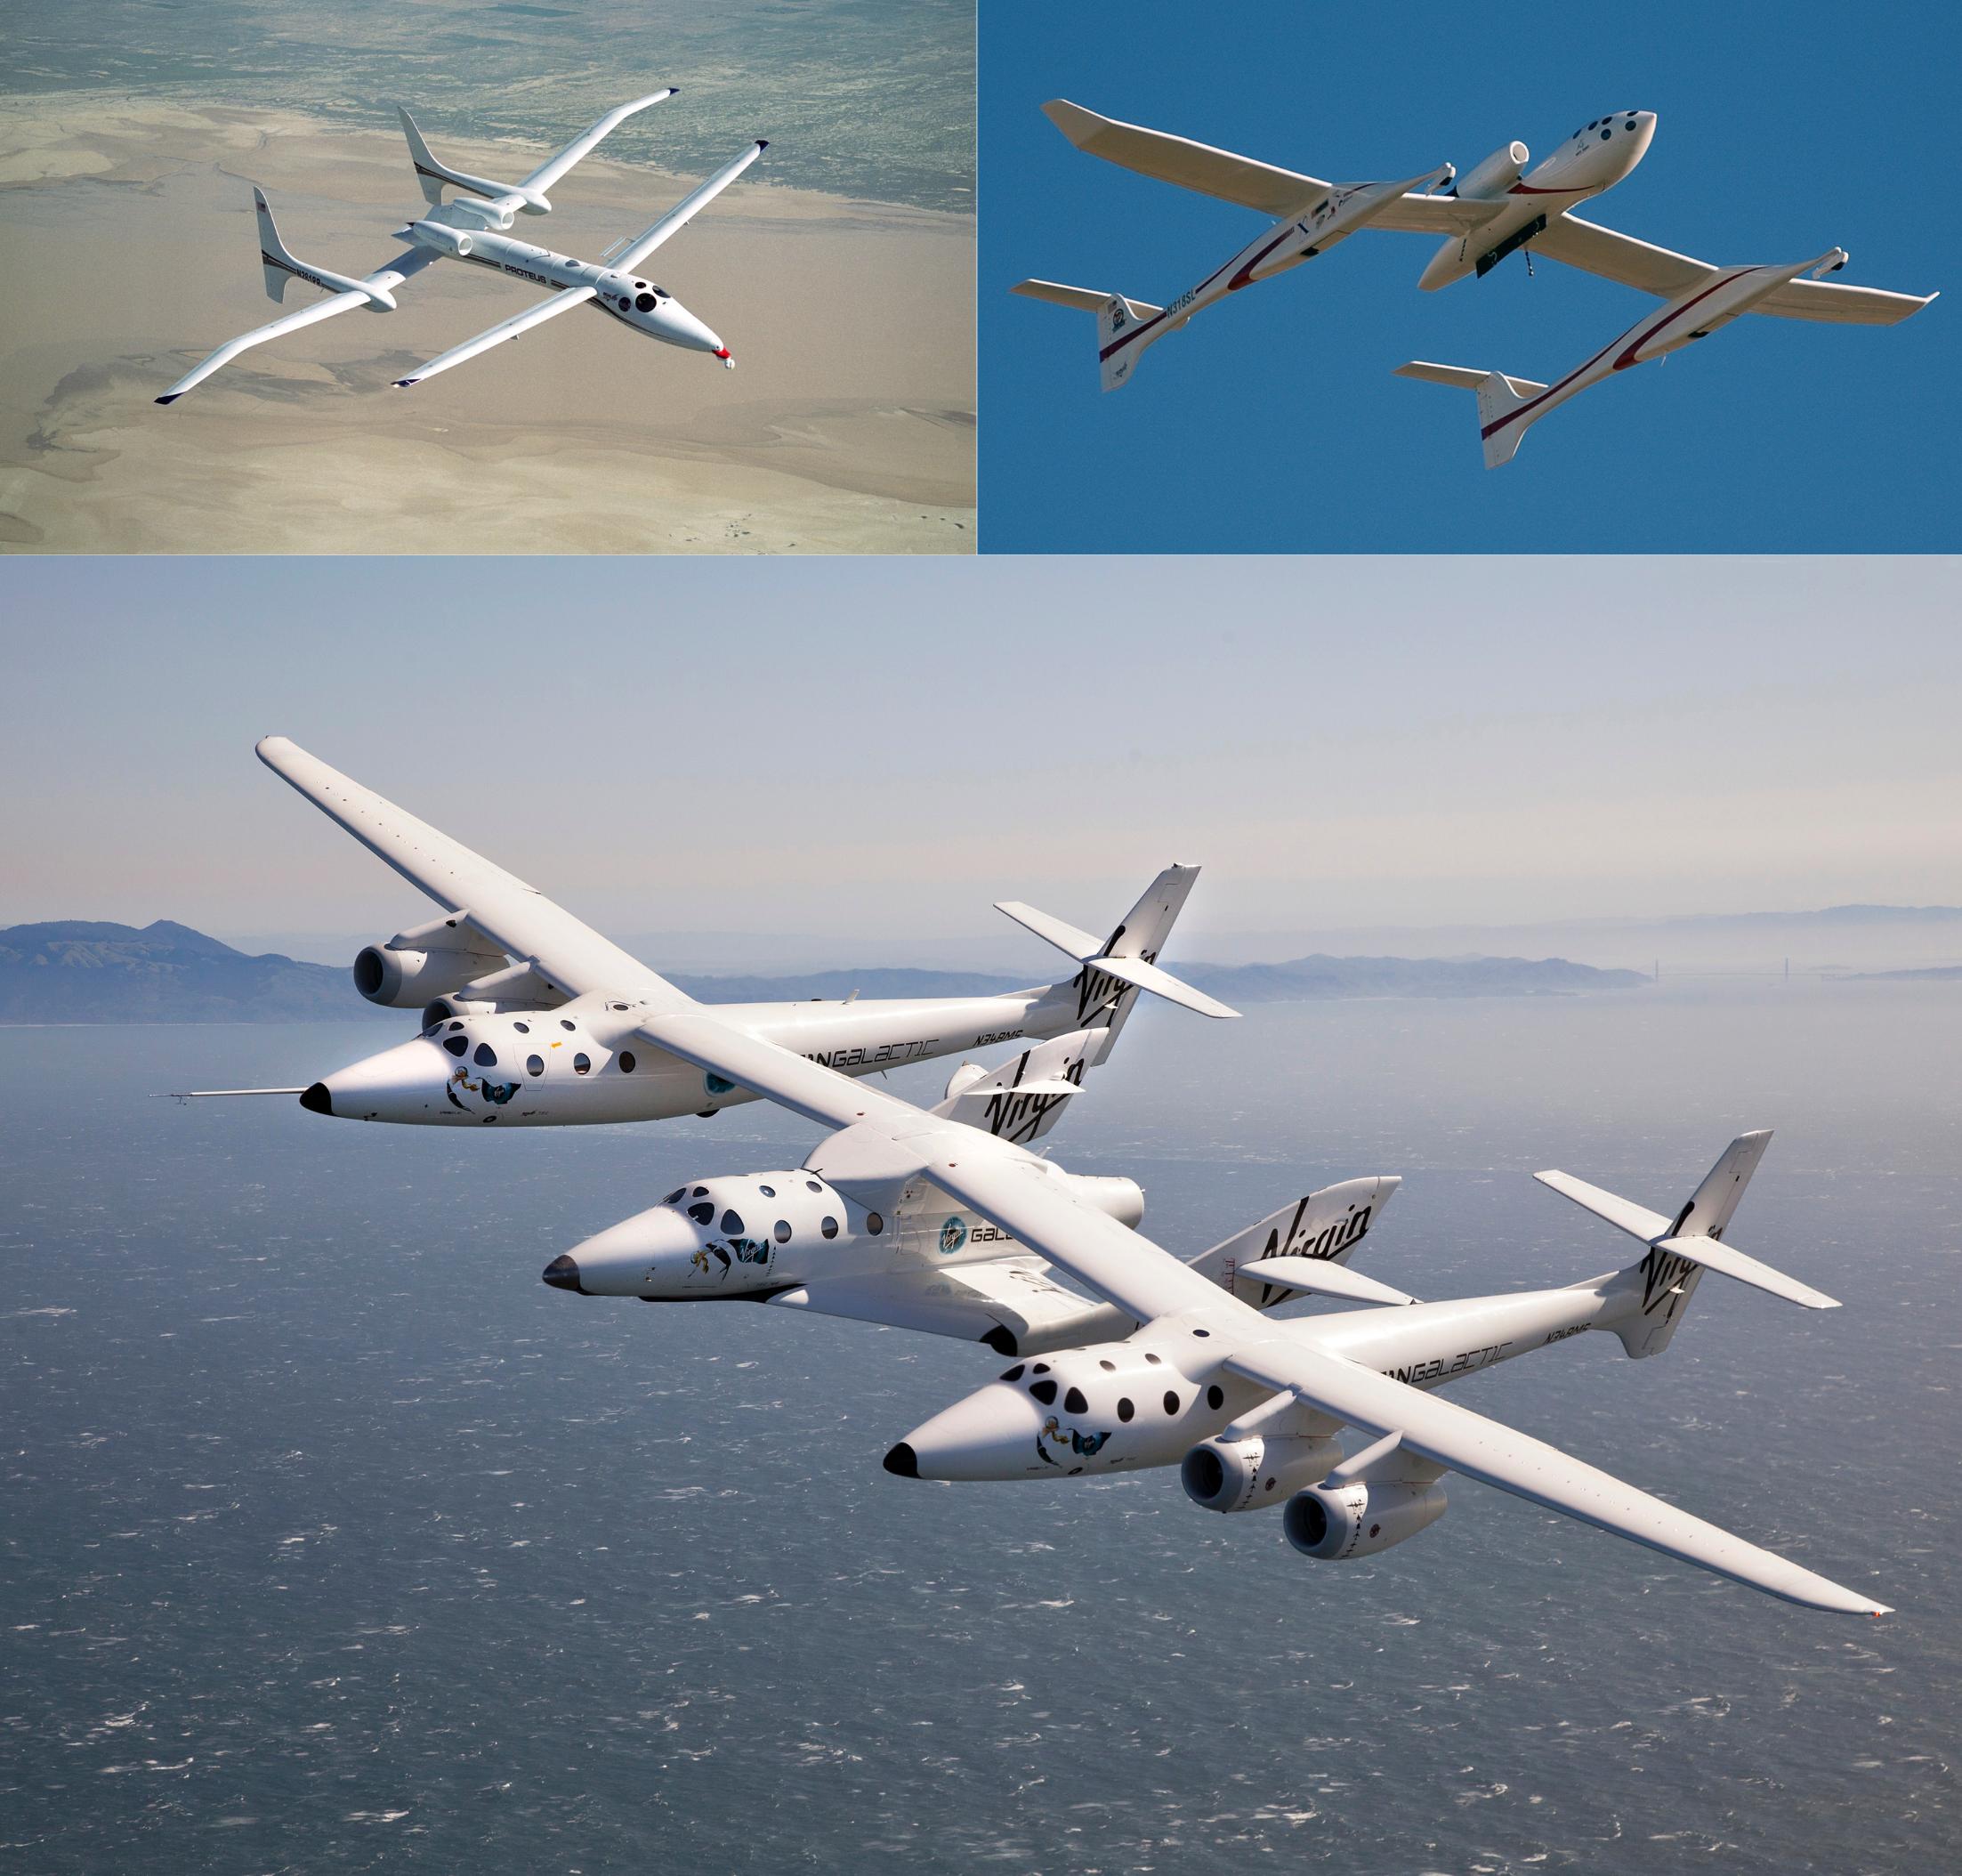 In alto a sinistra il Scaled Composites Proteus durante il suo primo volo nel 1998. In alto a destra il Scaled Composites White Knight One. In basso il White Knight Two con al suo centro attraccata la SpaceShip Two. Credits: Scaled Composites/Virgin Galactic.